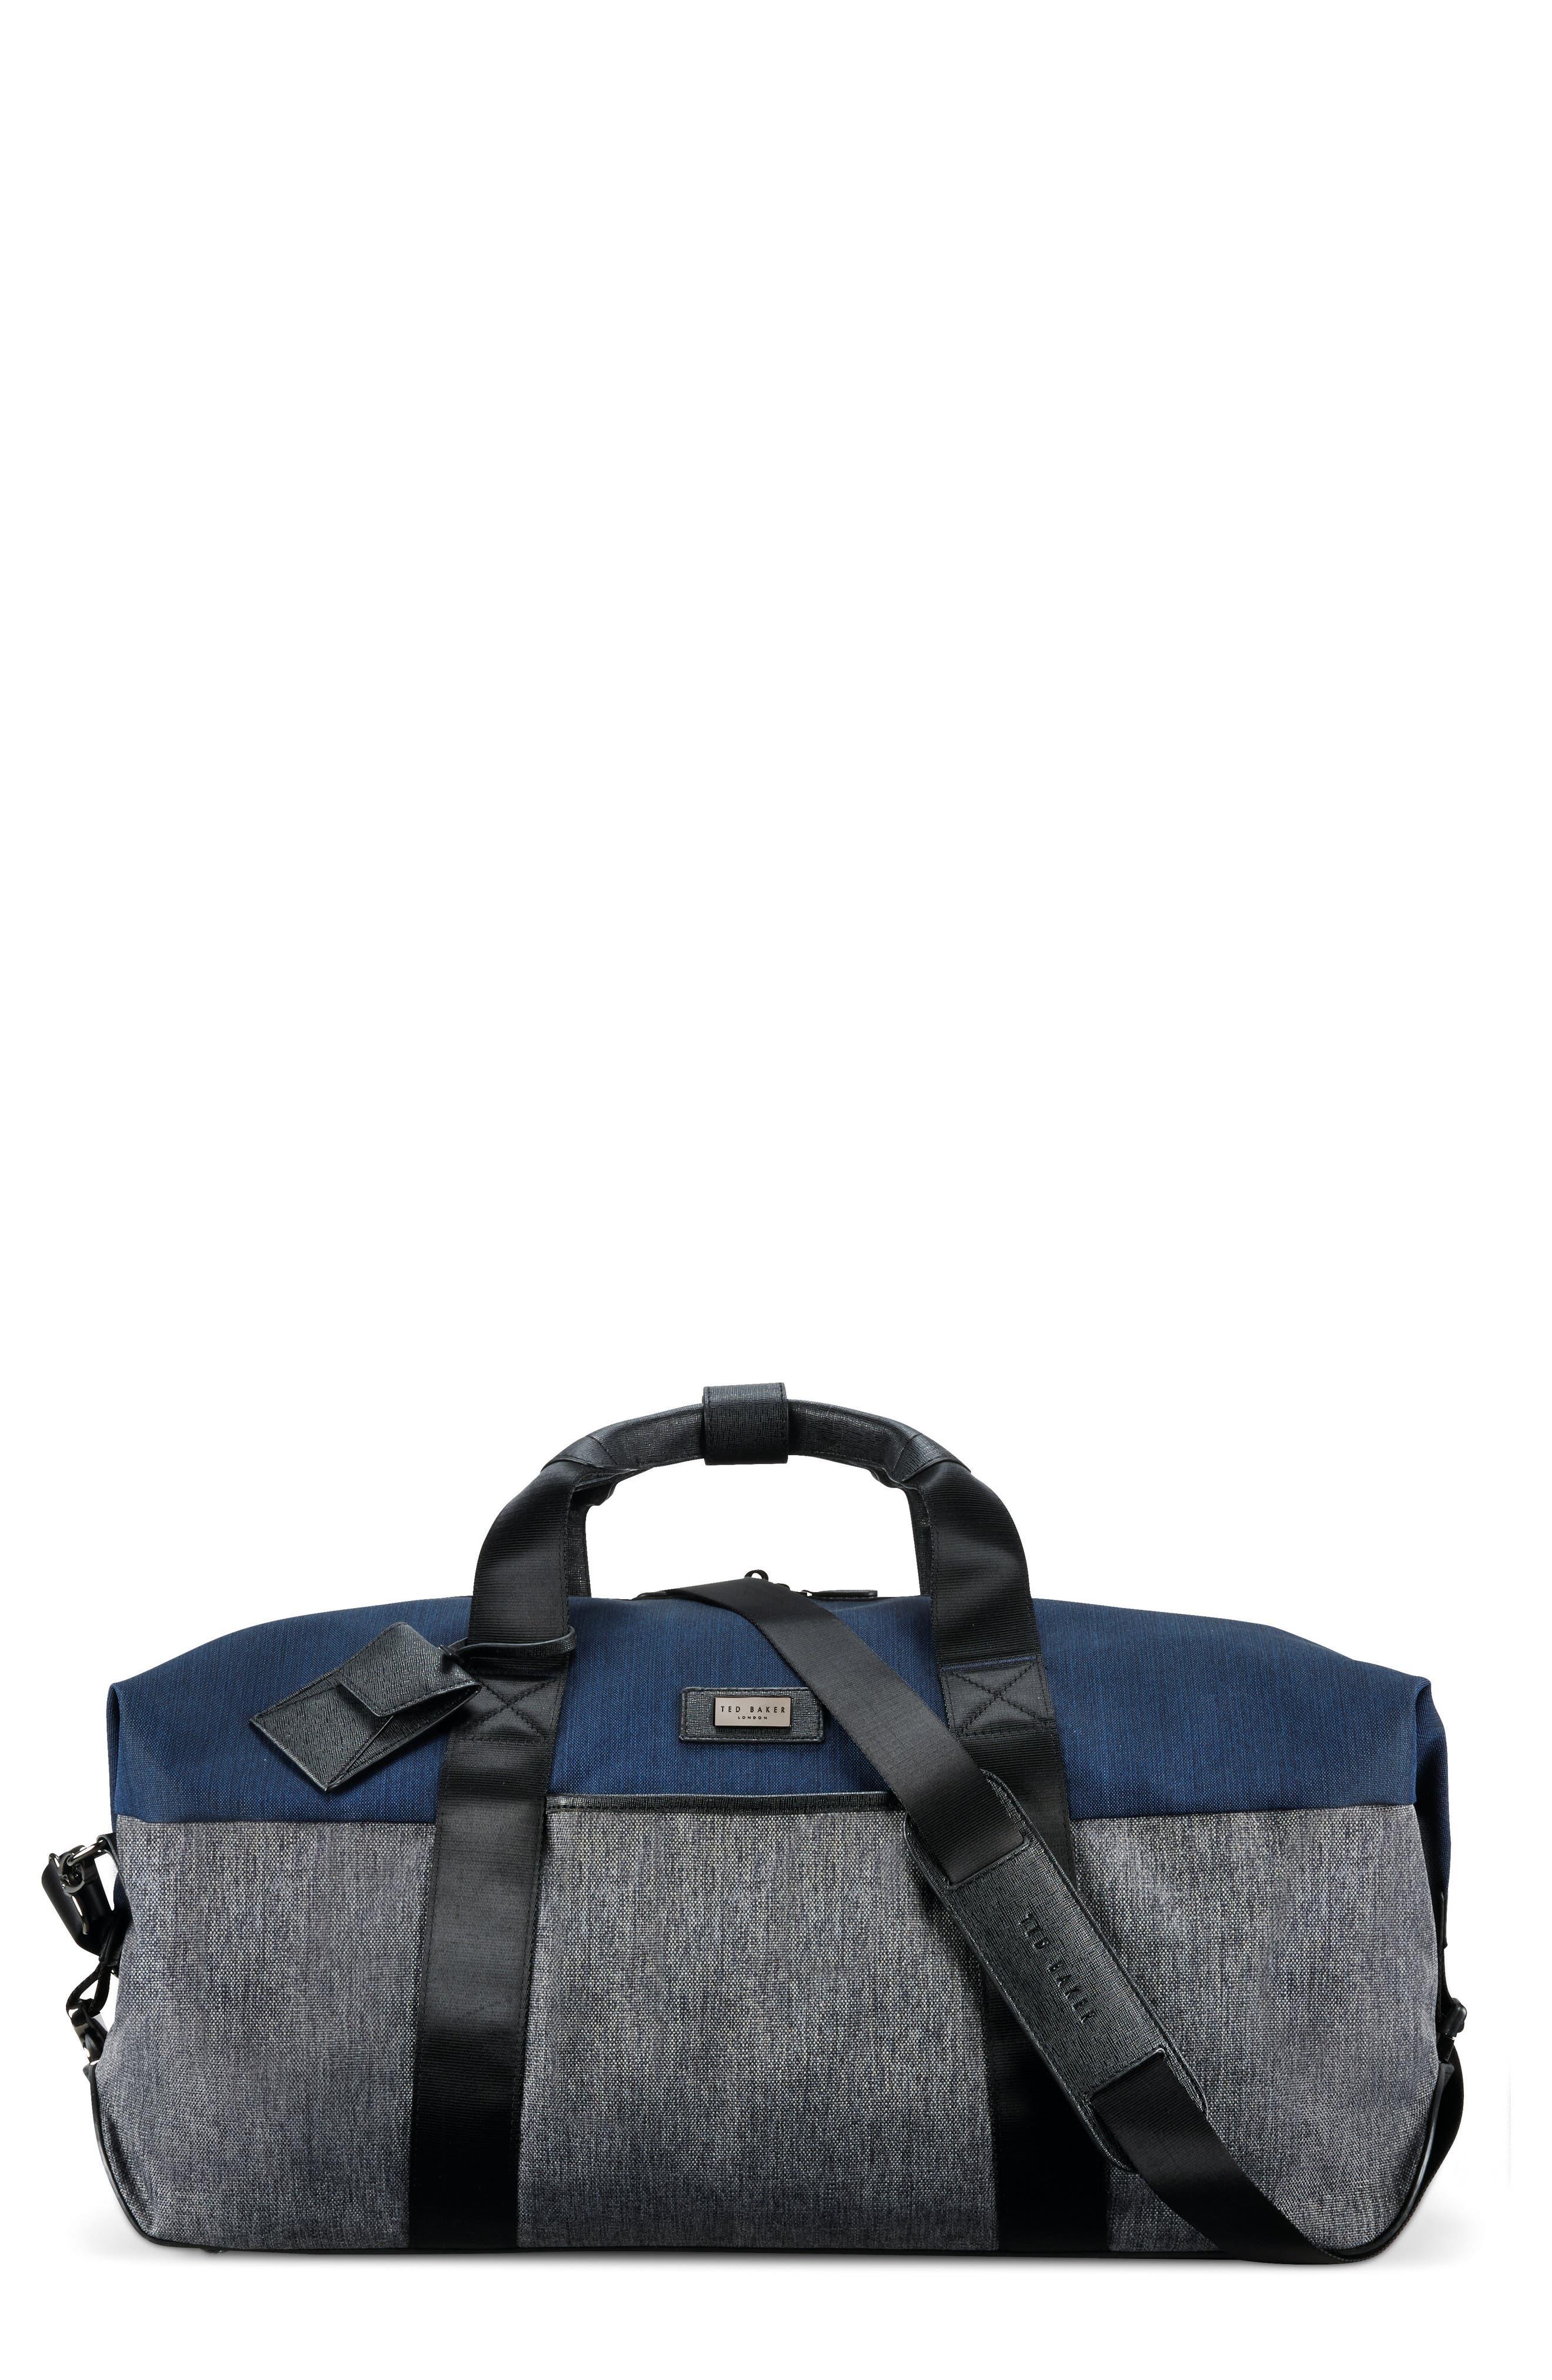 Medium Brunswick Water Resistant Duffel Bag,                         Main,                         color, 020